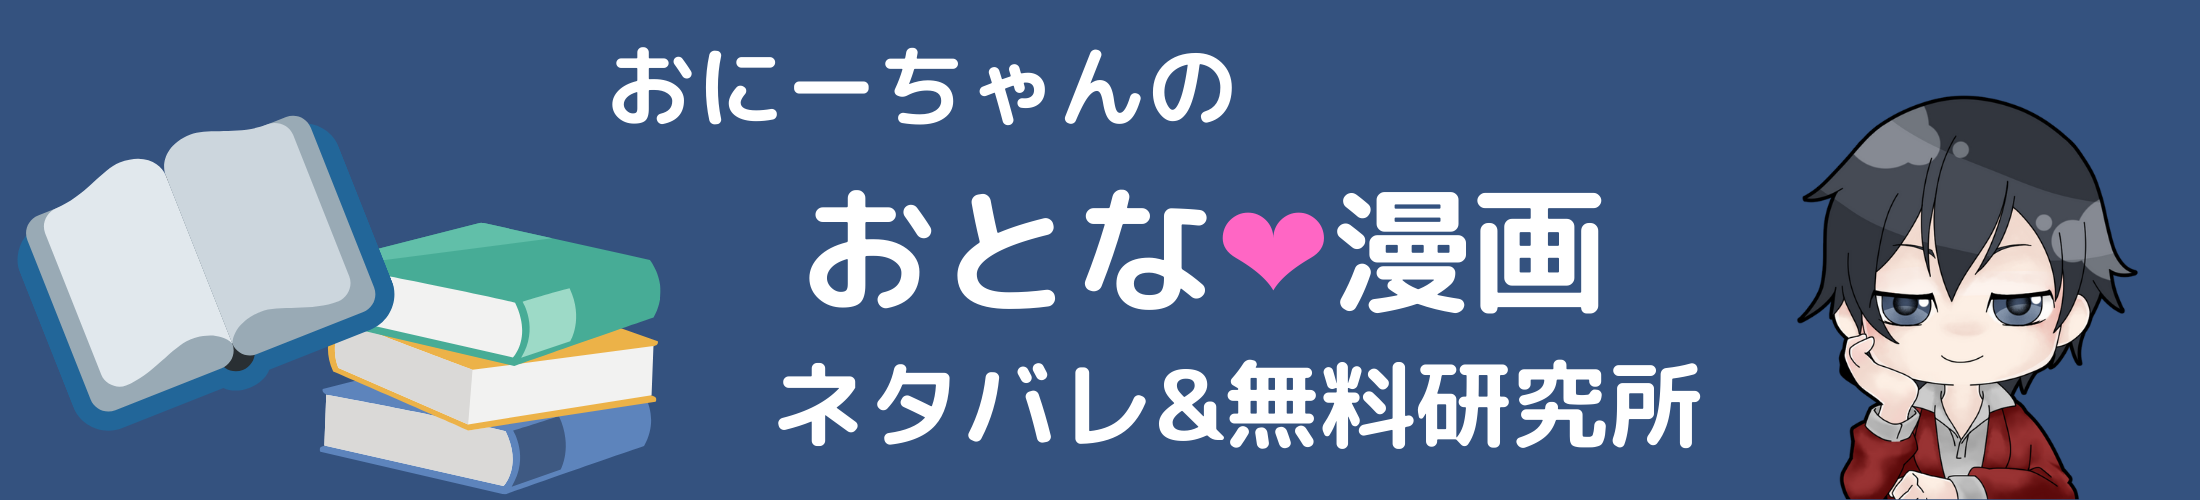 おにーちゃんの漫画&アニメネタバレ無料研究所